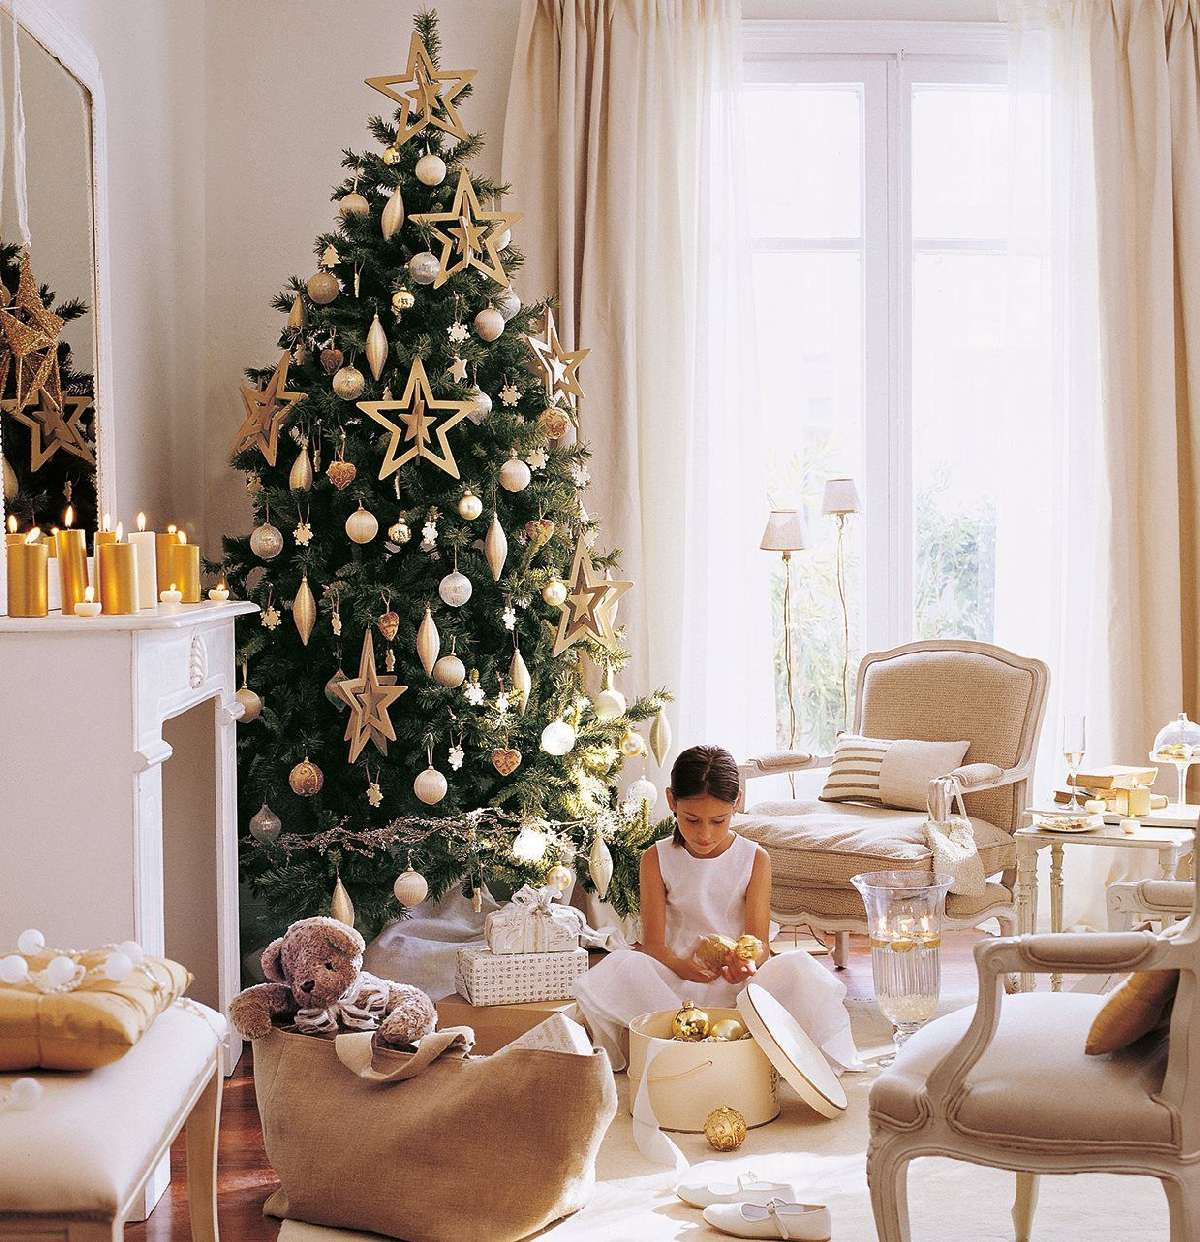 Sorprendentes ideas para decorar el árbol de Navidad 11